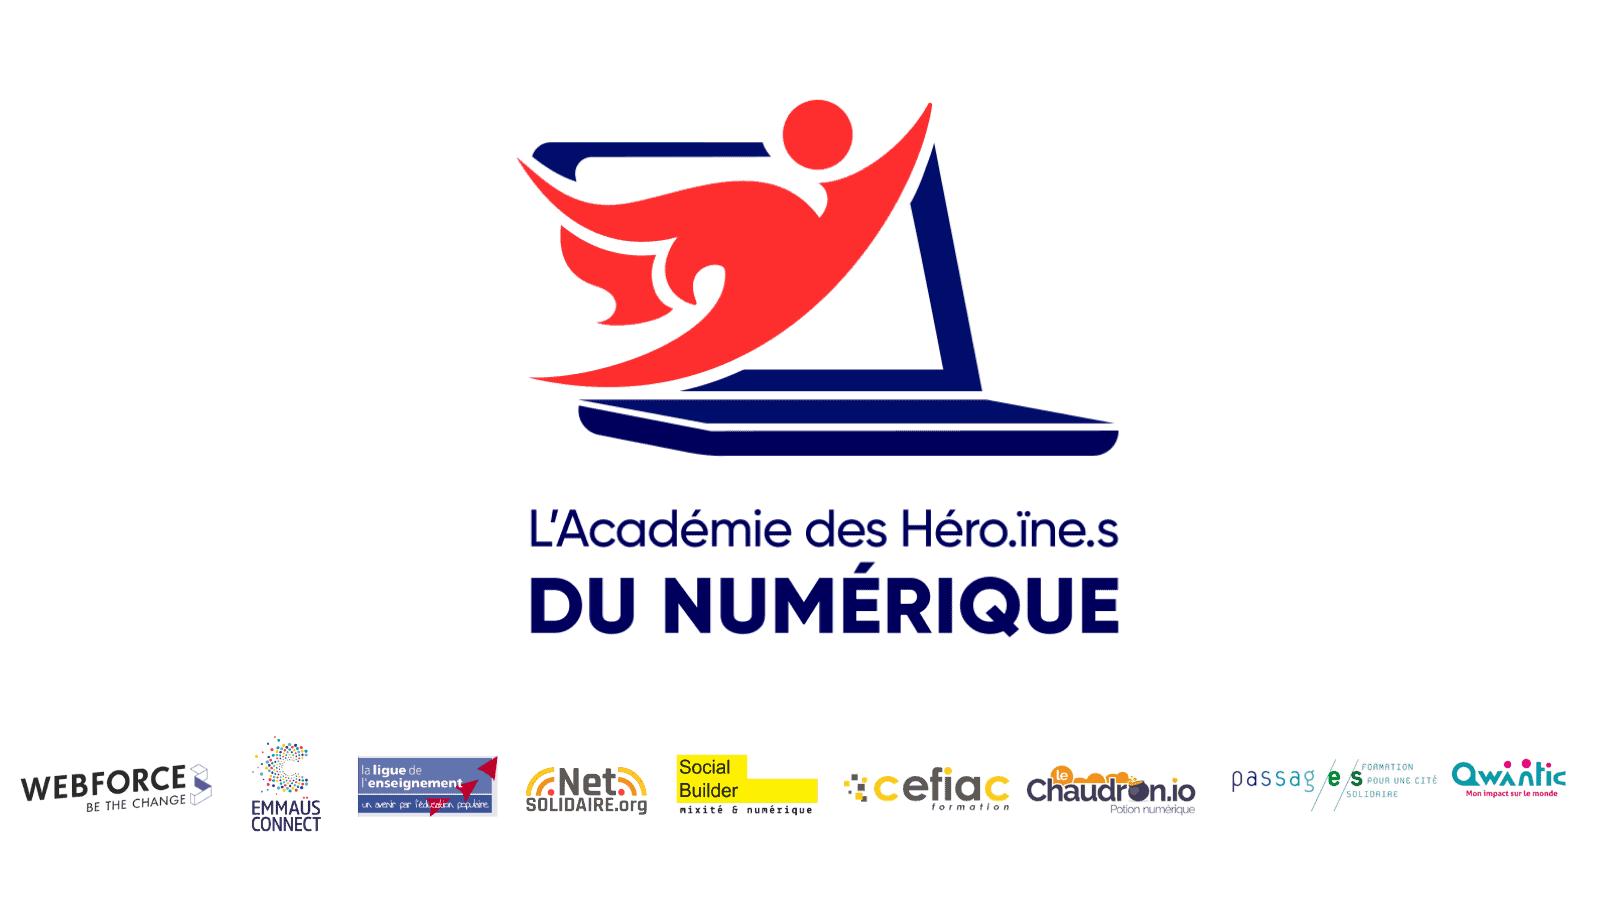 Formation Conseiller Numérique - L'Académie des Héro.ïne.s du Numérique